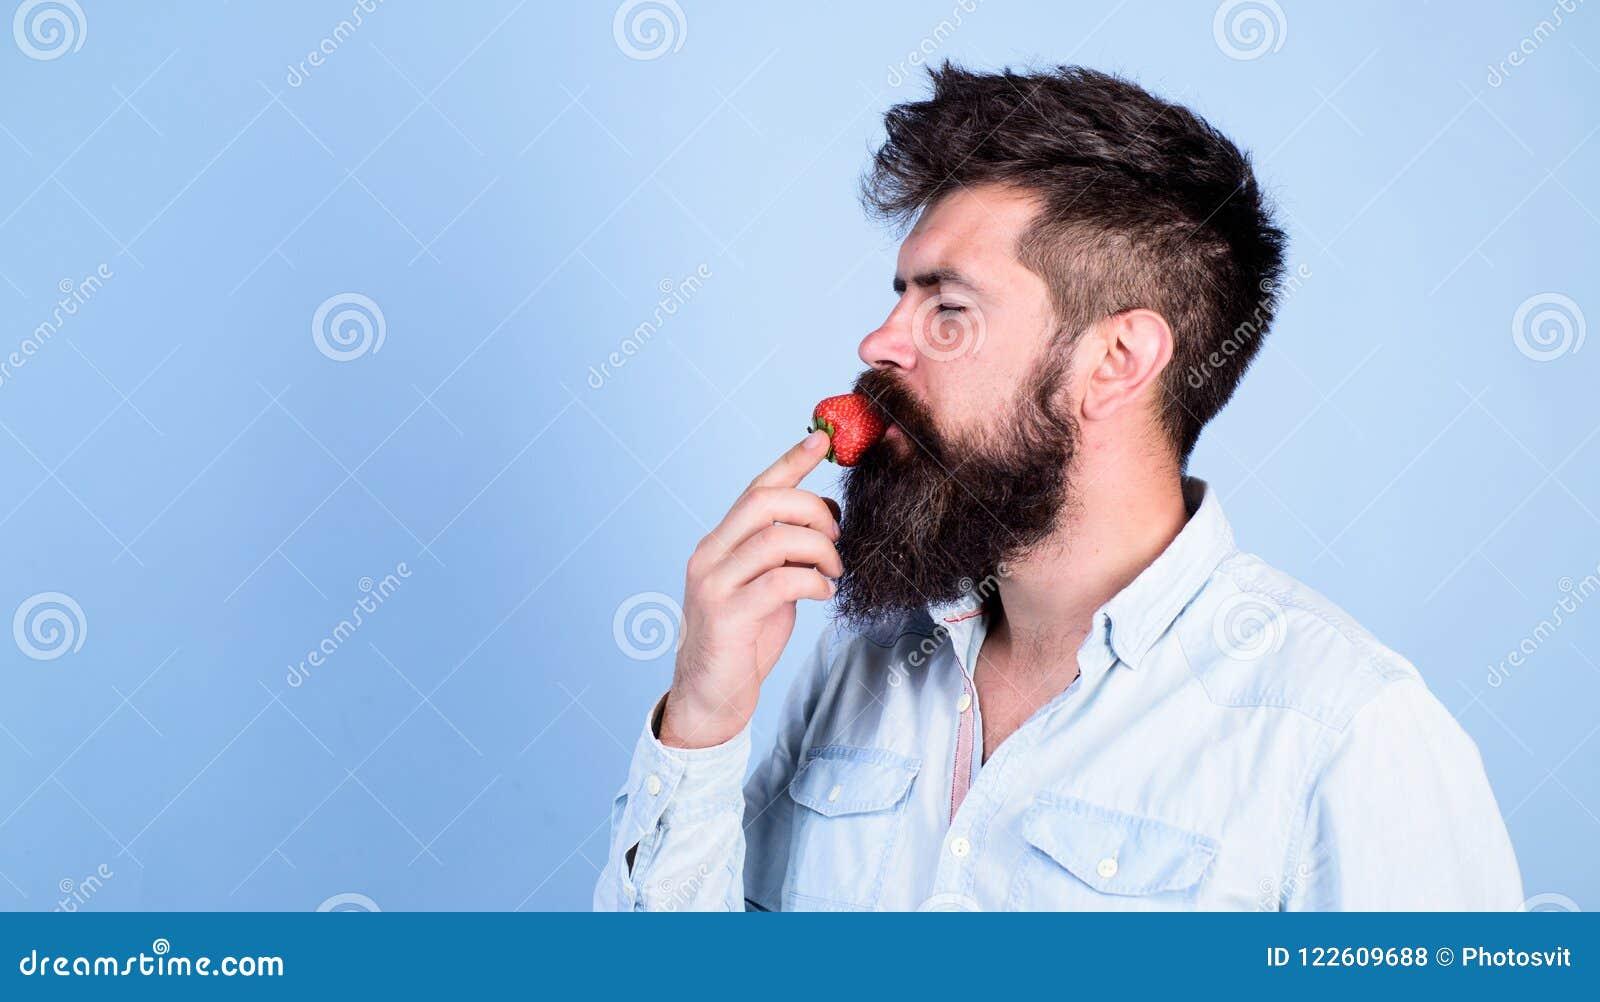 Proeft zo de zomer Mensen knappe hipster met lange baard die aardbei eten Hipster geniet van sappig rijp rood